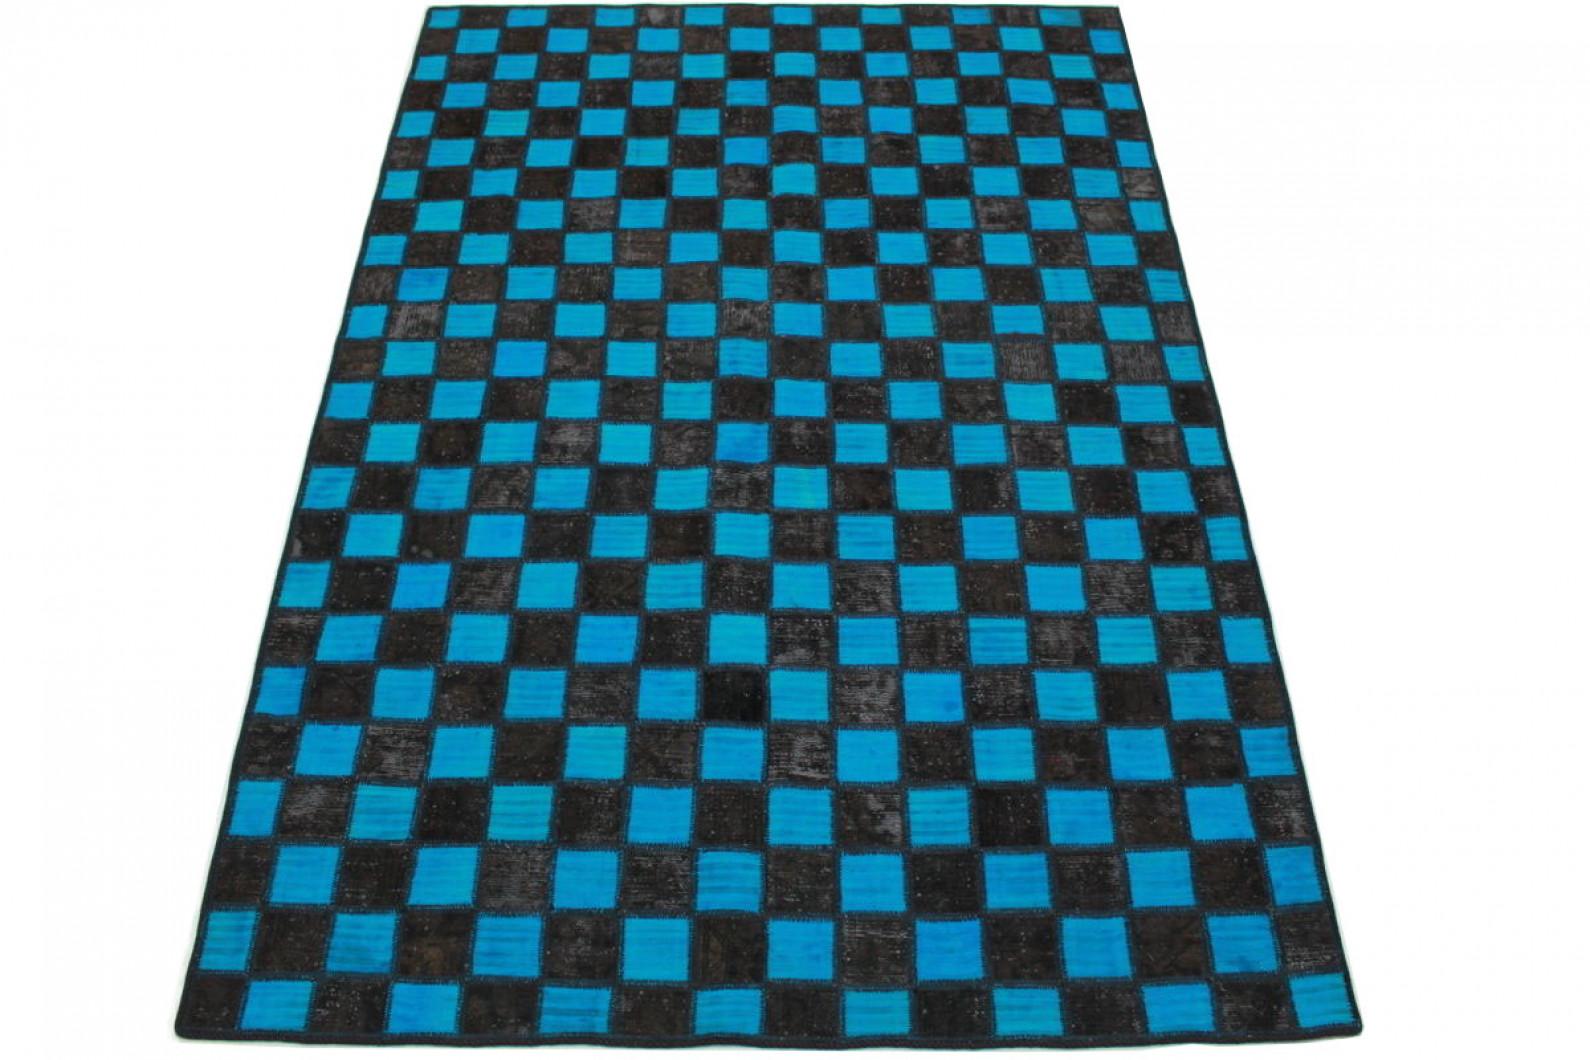 patchwork teppich blau schwarz in 250x160cm 1001 2975 bei kaufen. Black Bedroom Furniture Sets. Home Design Ideas